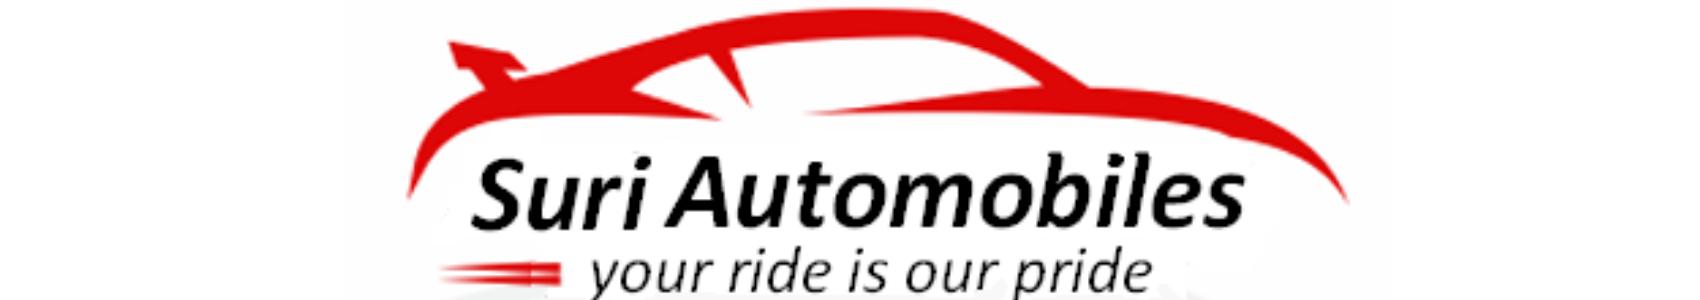 Suri Automobiles Logo